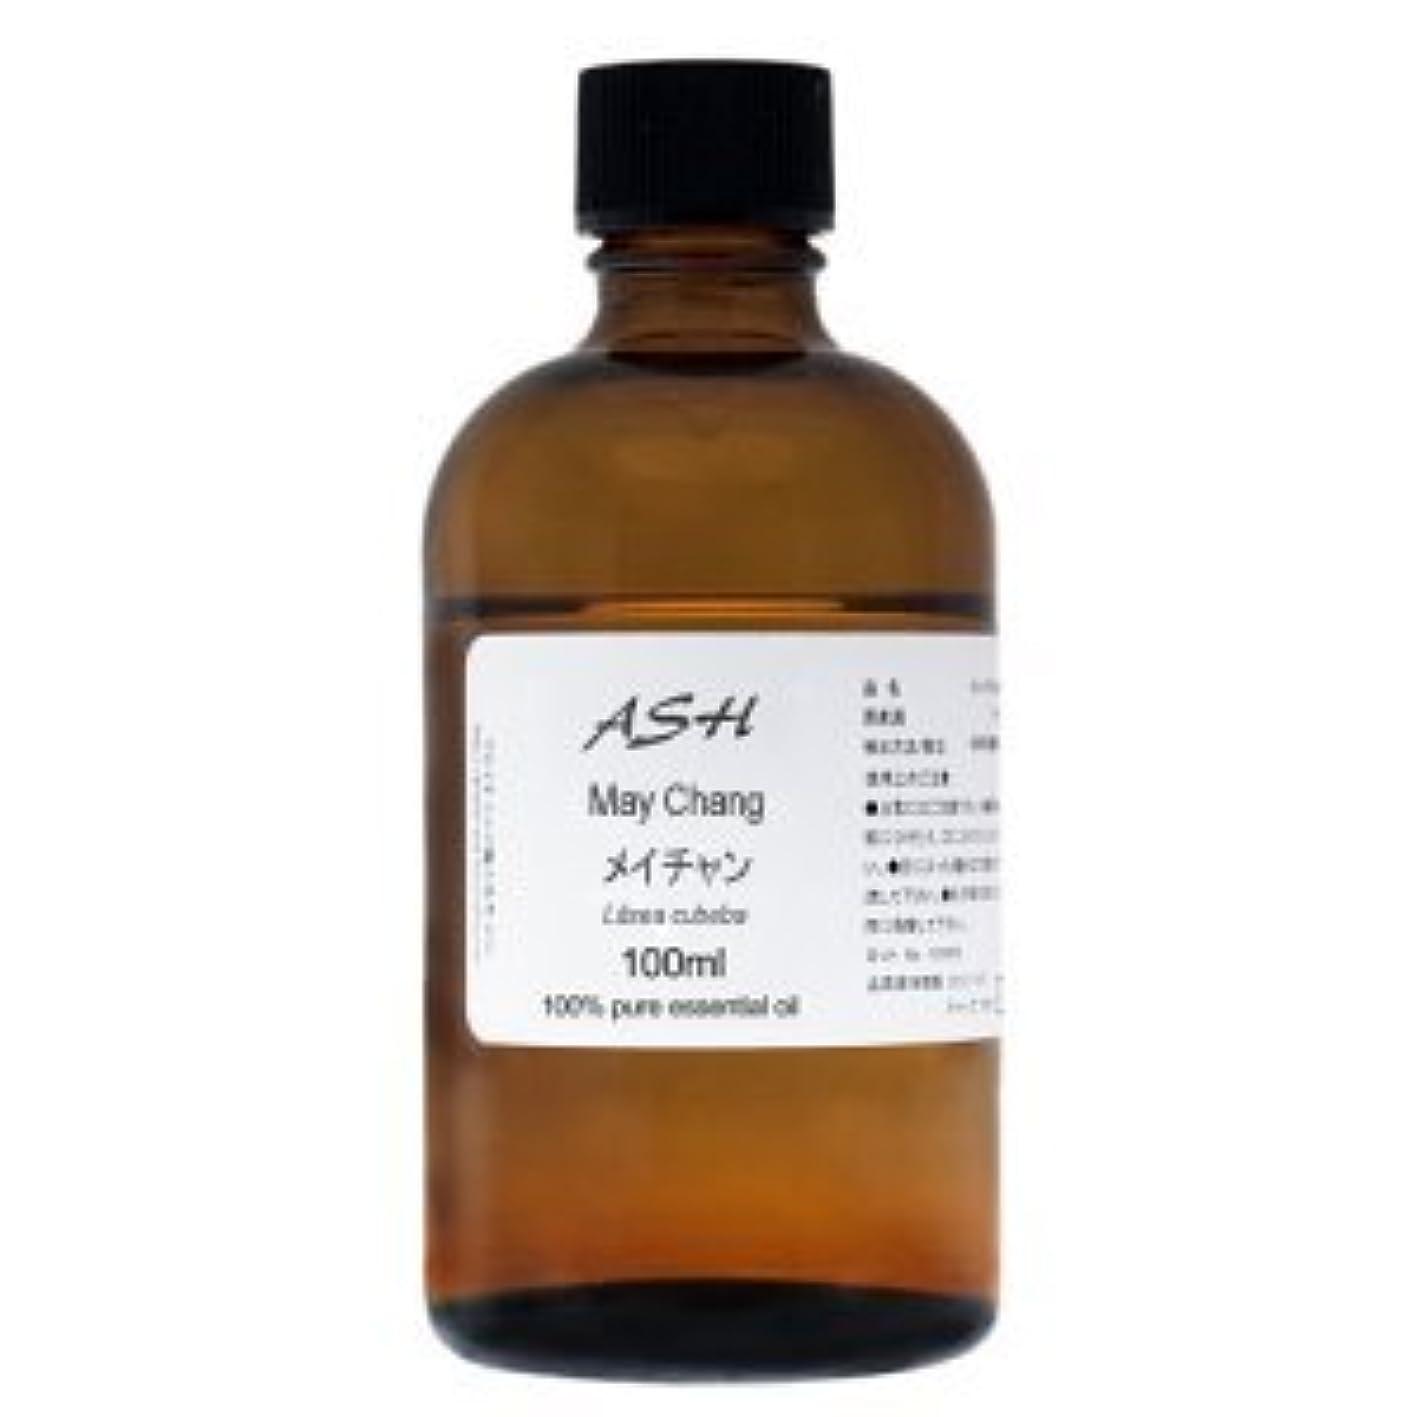 うぬぼれ巧みなユダヤ人ASH メイチャン エッセンシャルオイル 100ml AEAJ表示基準適合認定精油